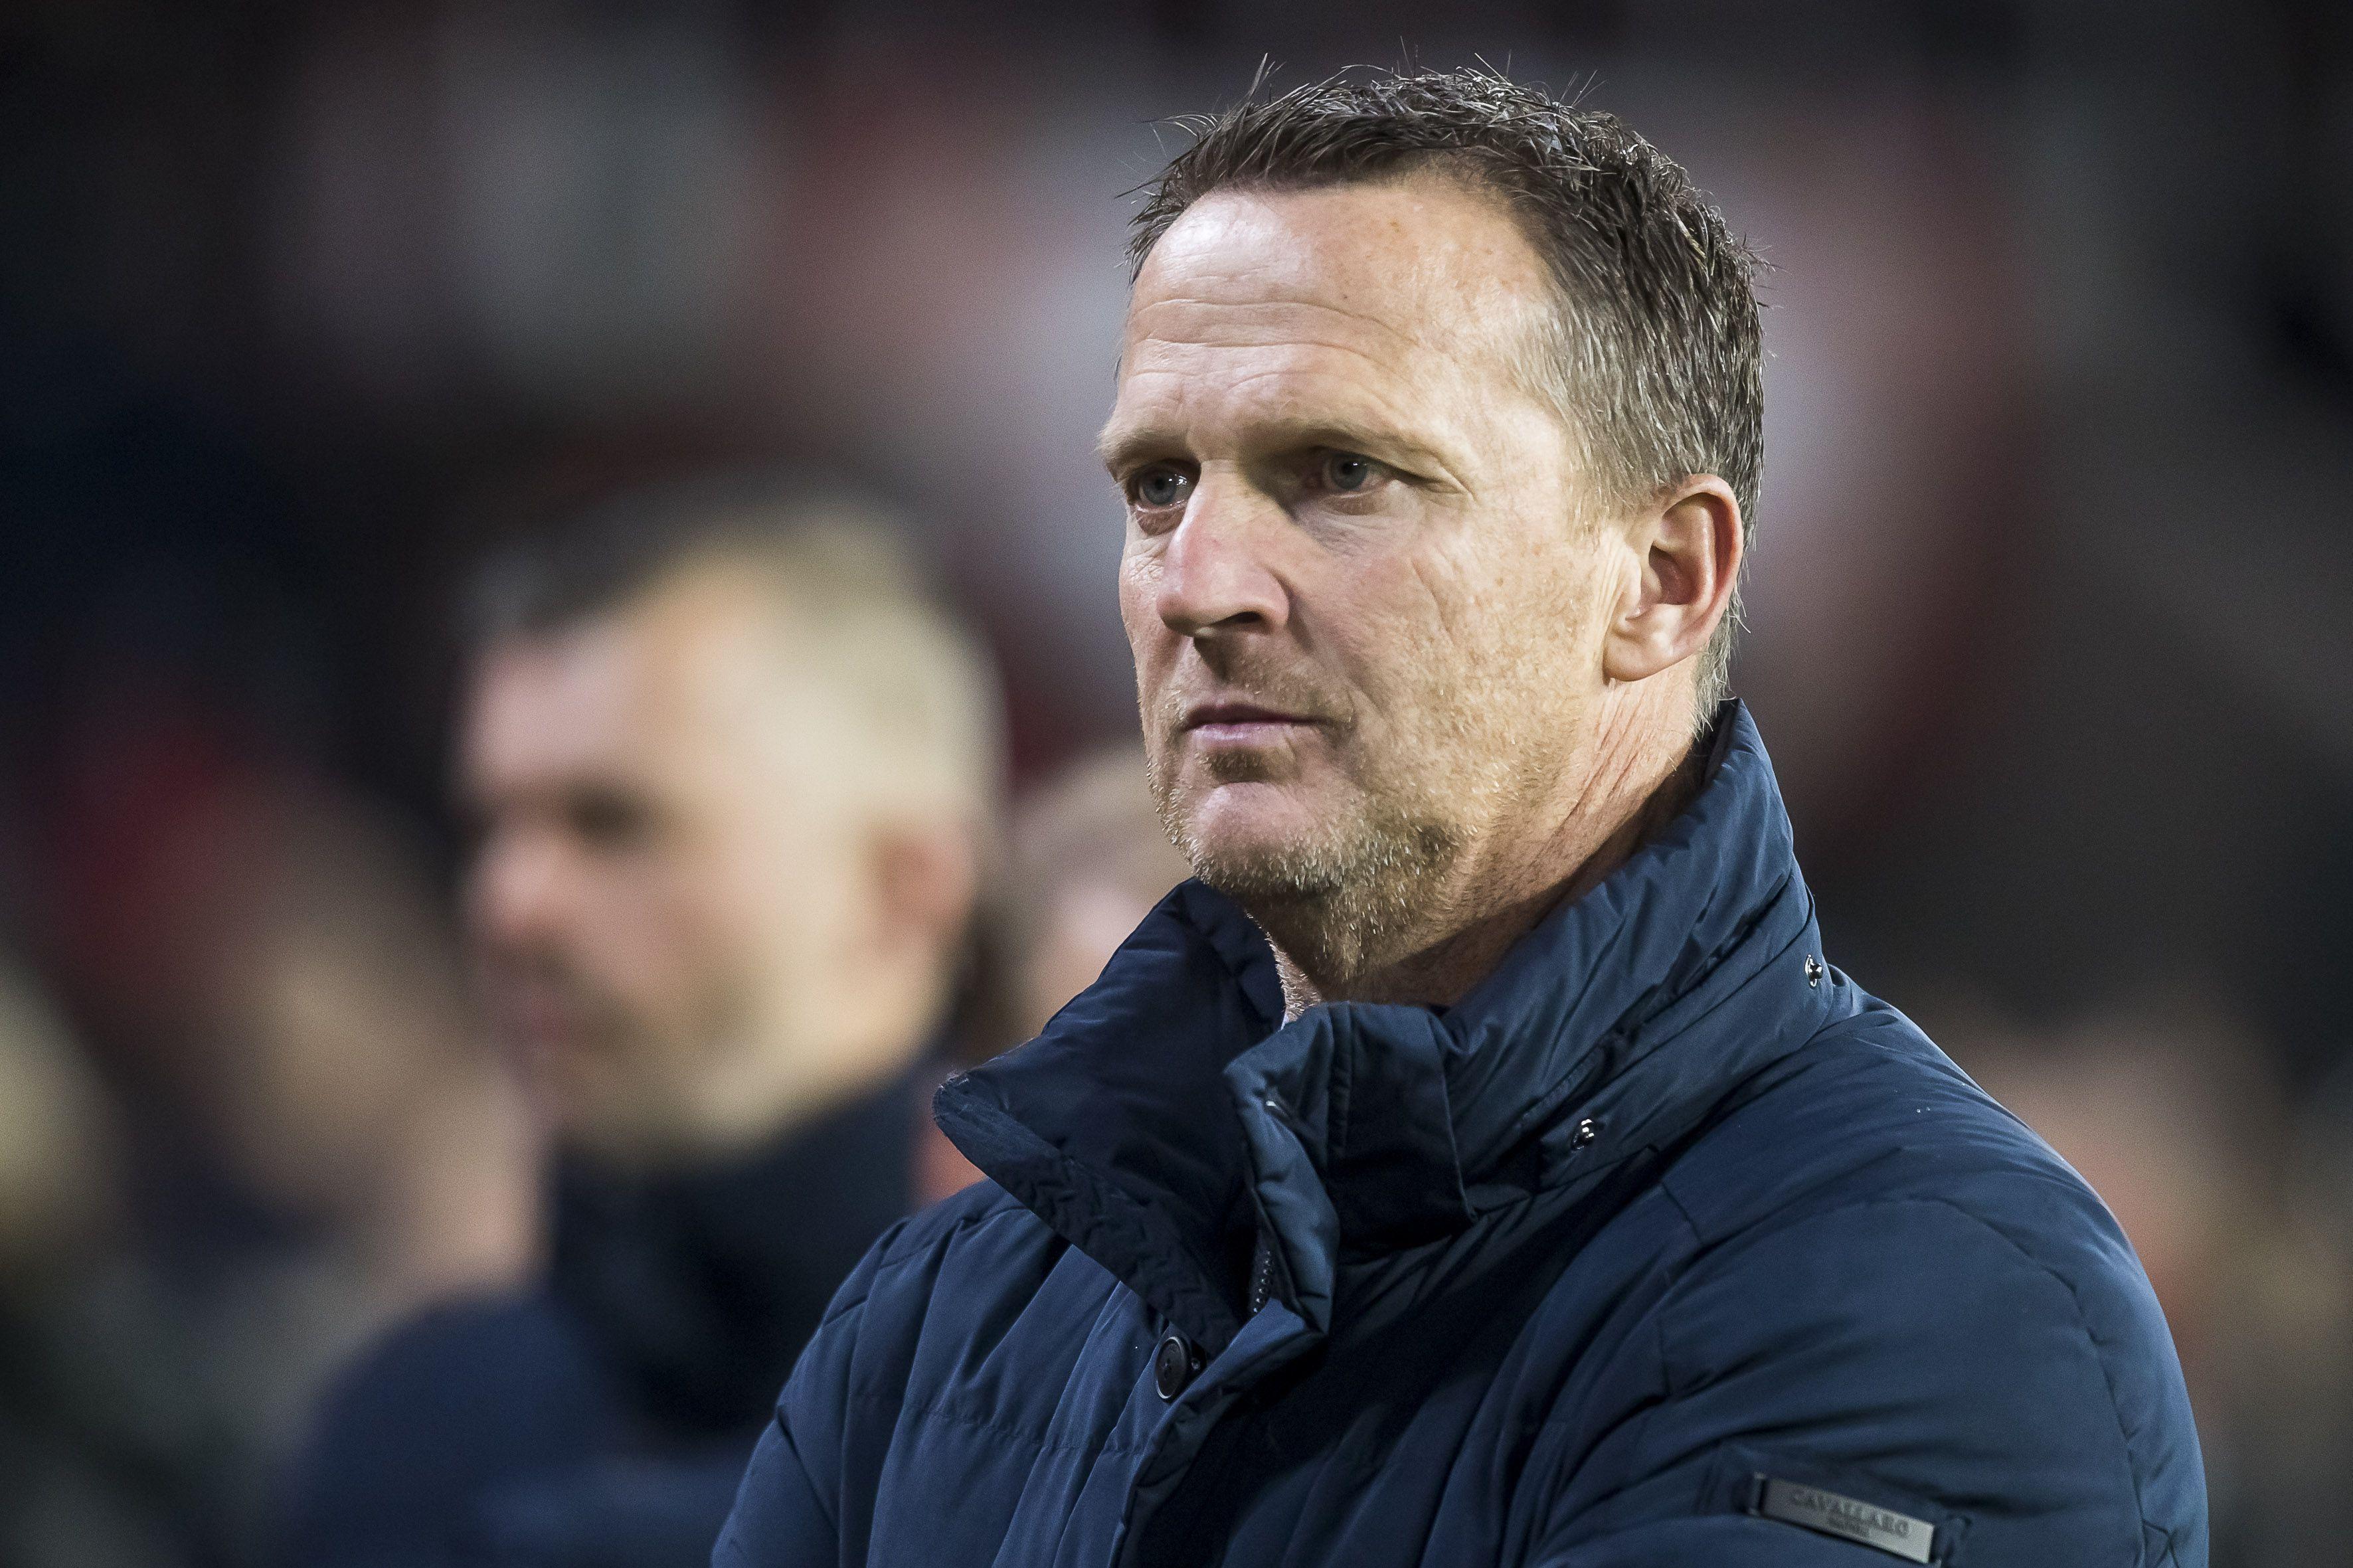 Van den Brom na overwinning op Ajax: 'Hopelijk zijn we nu van dat gezeur af' [video]